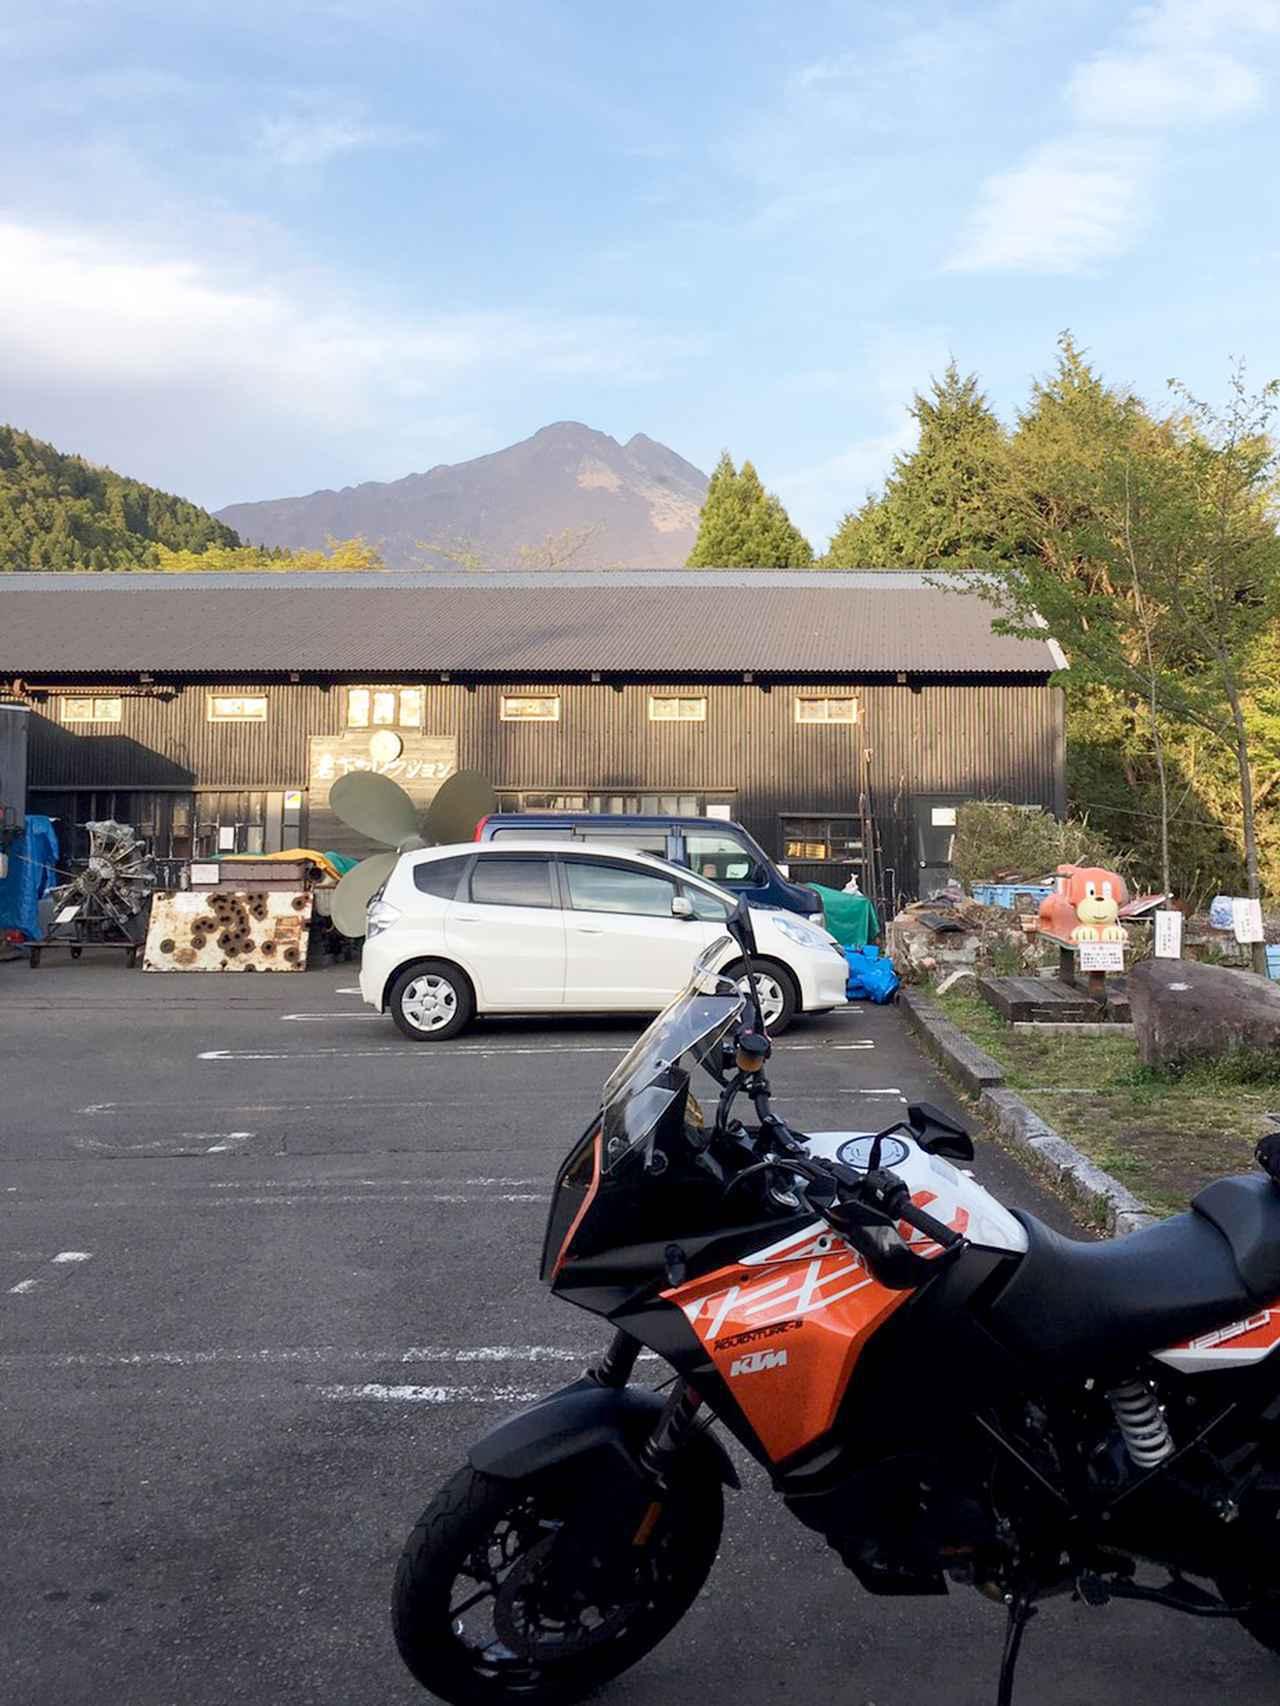 画像1: 福山理子の旅先潜入レポート! 大分県に眠る2億円のバイクとは? 湯布院の「岩下コレクション」へ【ツーリング紀行】